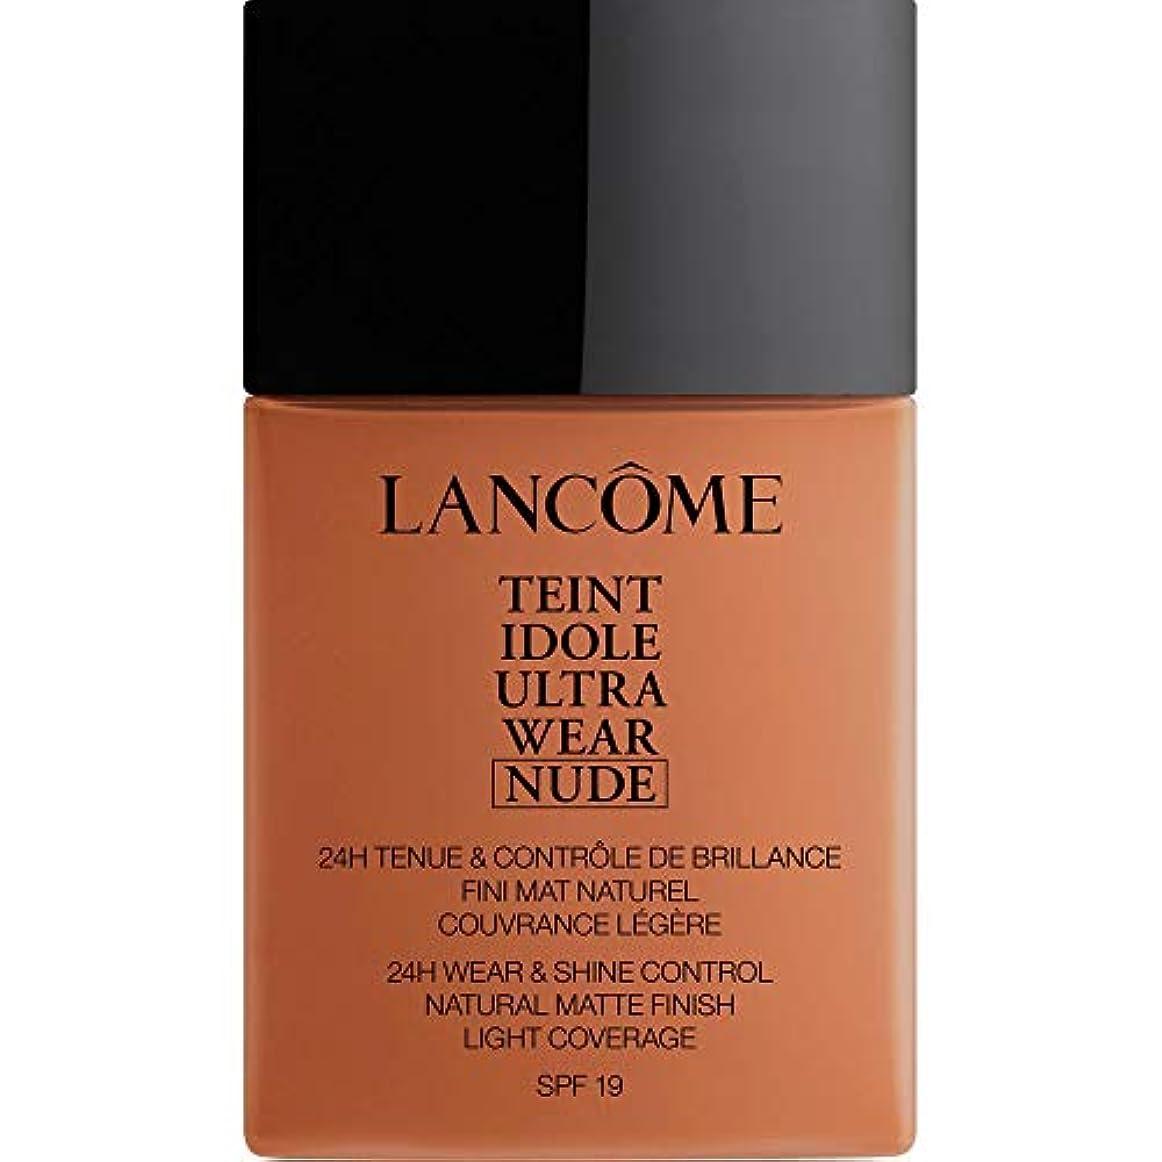 続ける詳細にオークション[Lanc?me ] アカジュー - ランコムTeintのIdoleは、超ヌード基礎Spf19の40ミリリットル10.1を着用します - Lancome Teint Idole Ultra Wear Nude Foundation...